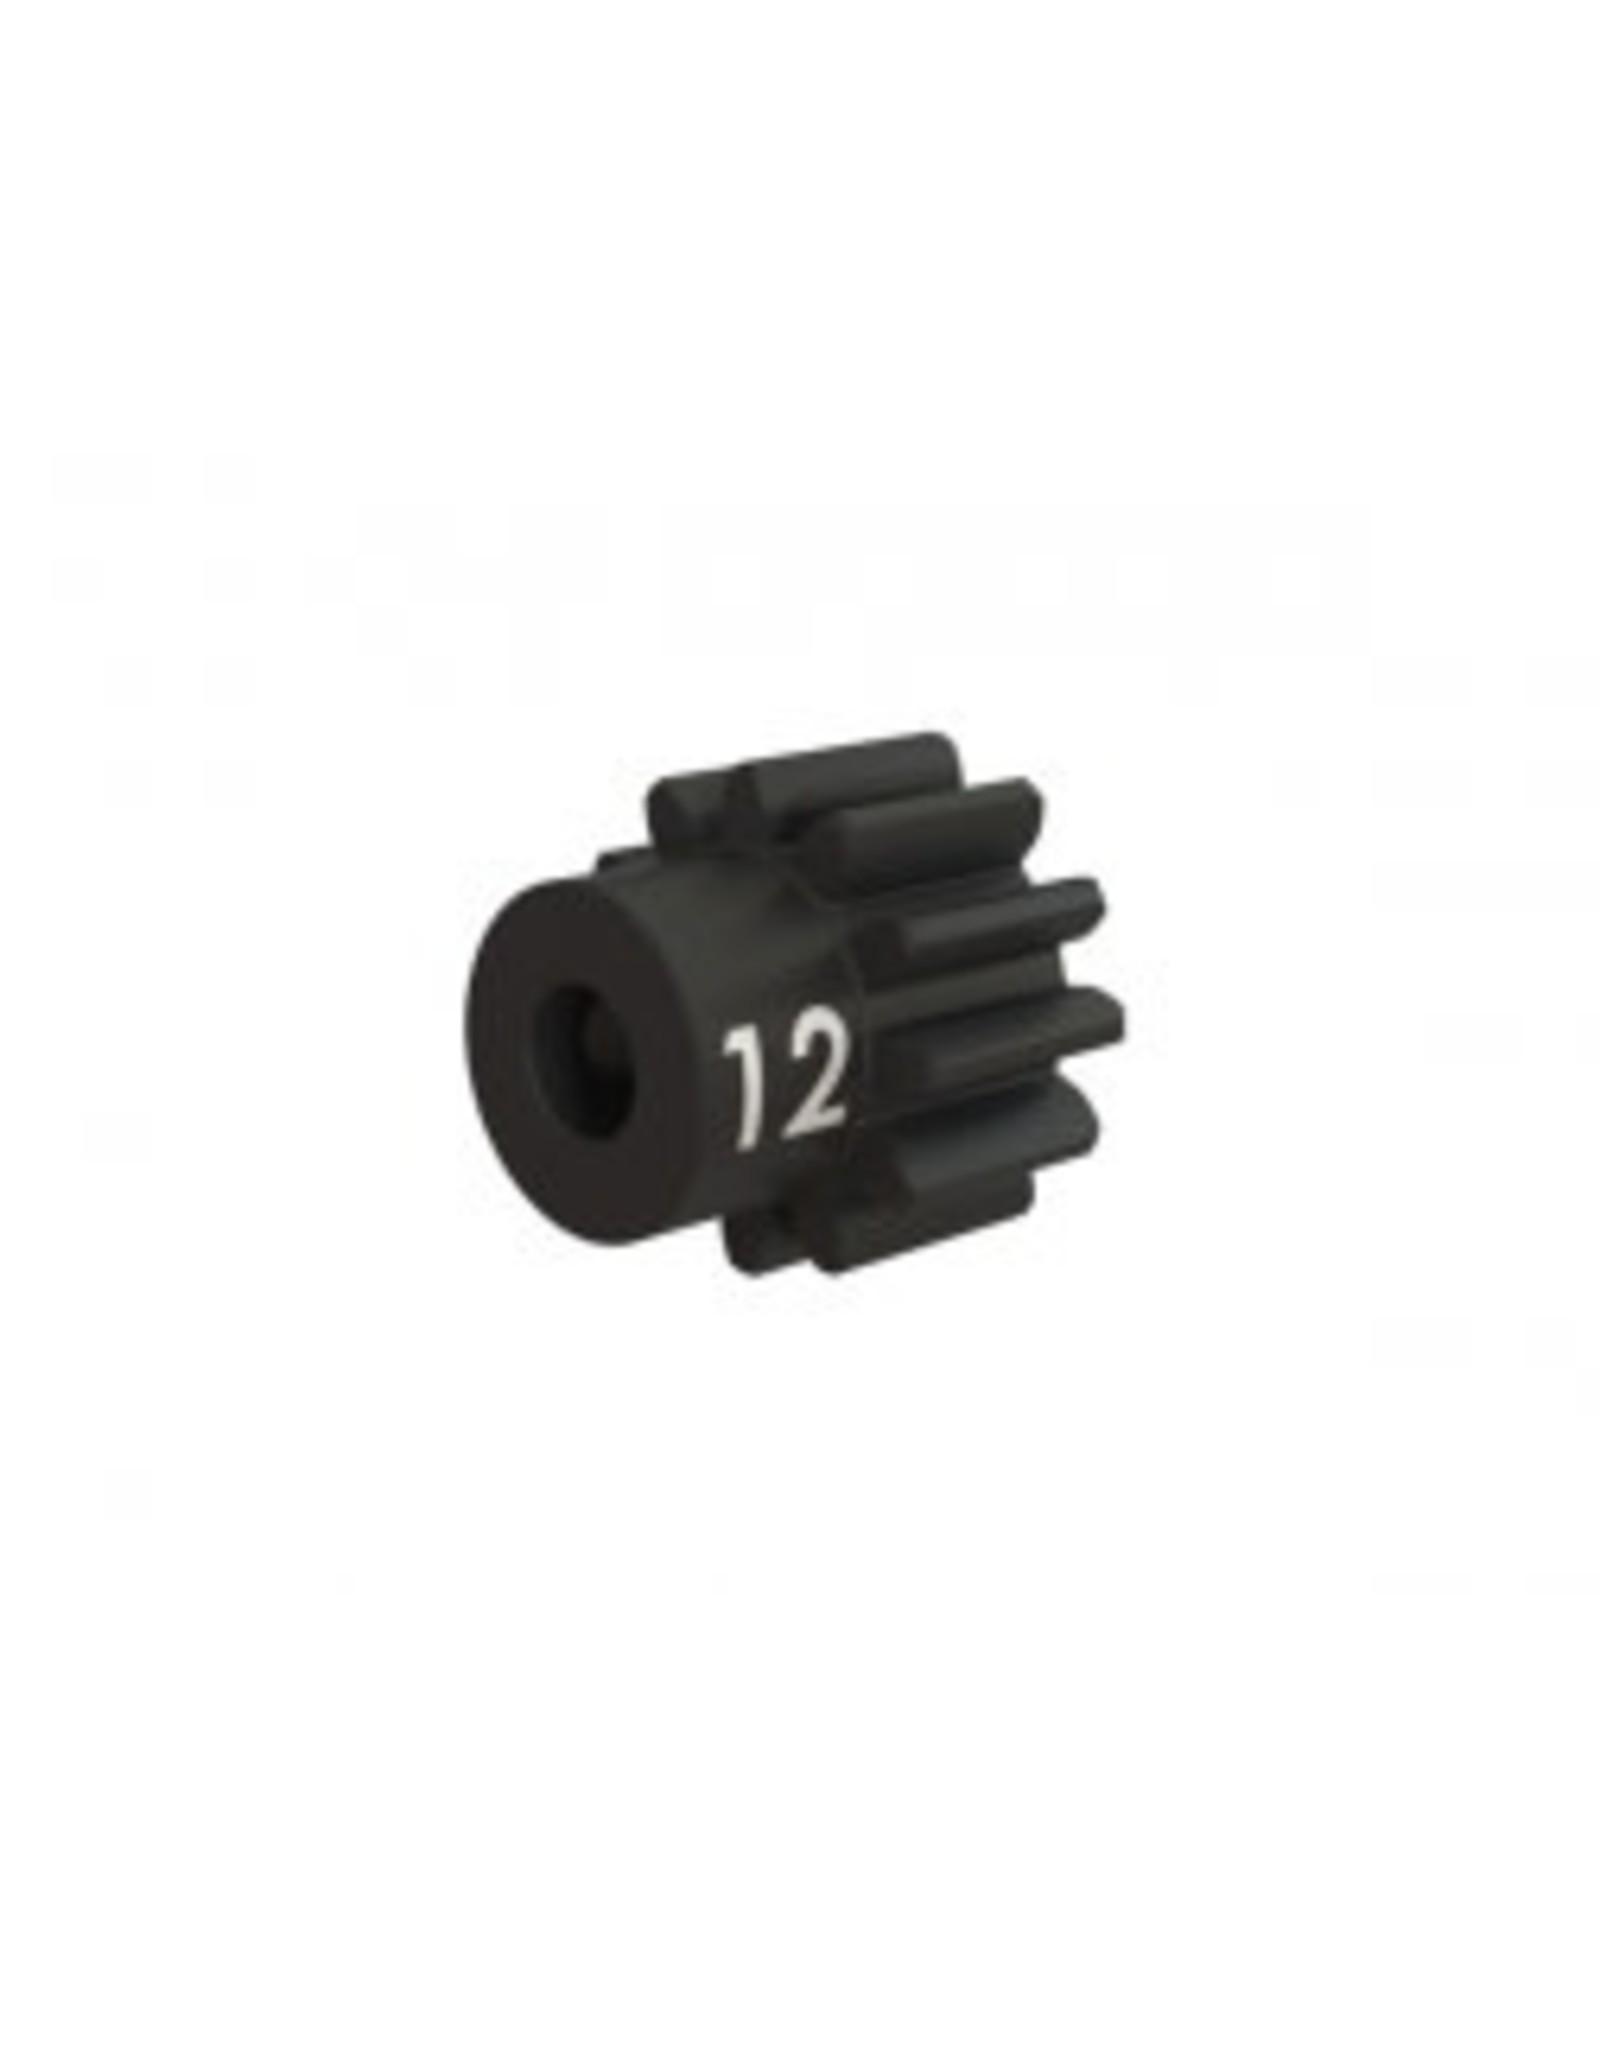 Traxxas Gear, 12-T pinion (32-p), heavy duty (machined, hardened steel)/ set screw